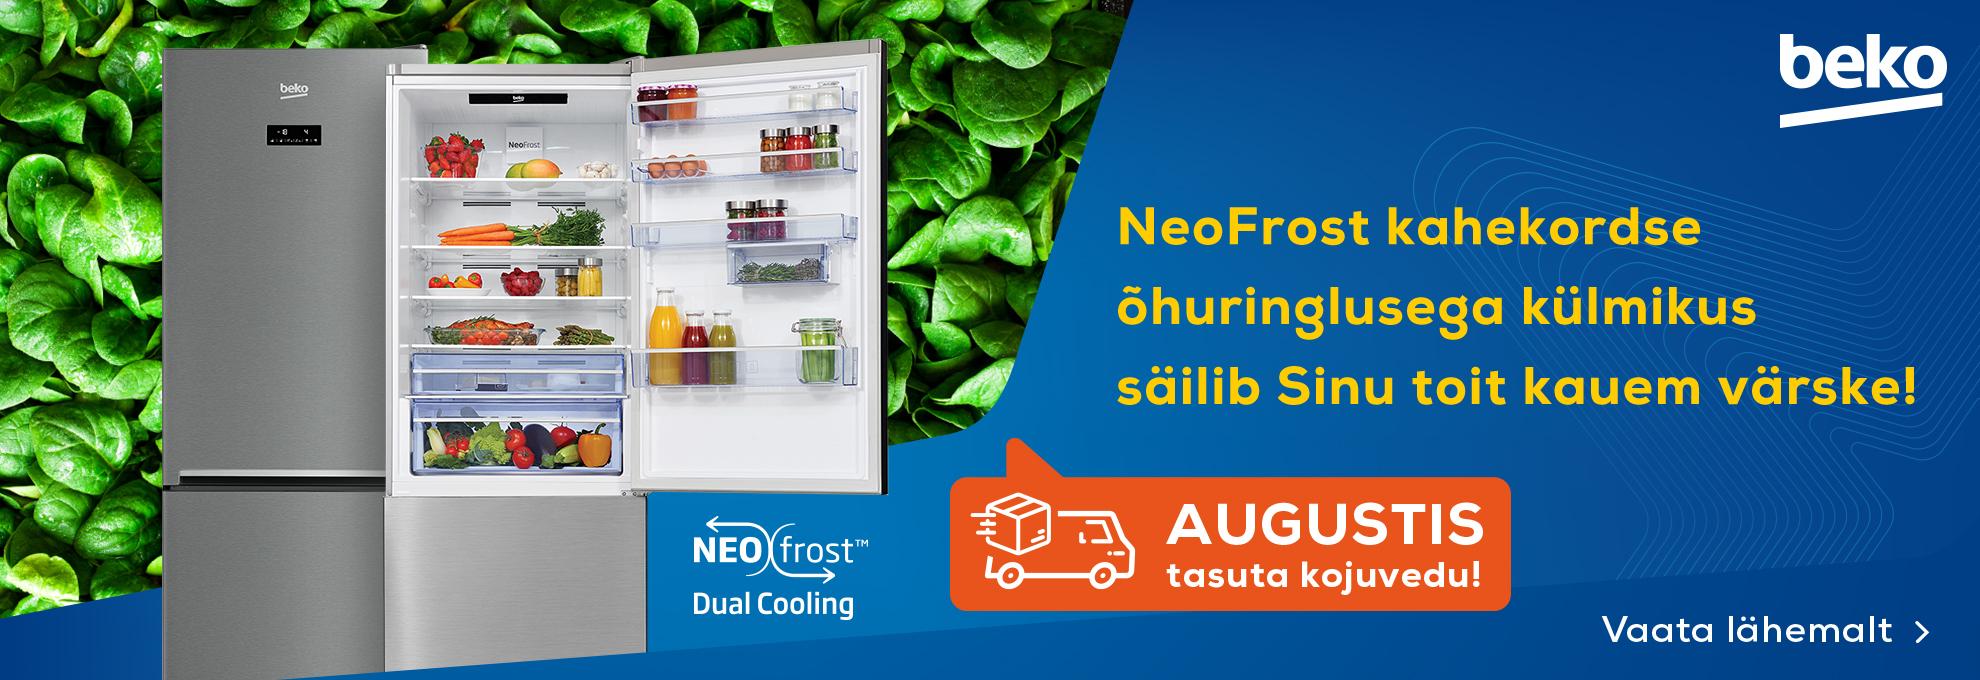 Beko NeoFrost külmikute tasuta kojuvedu